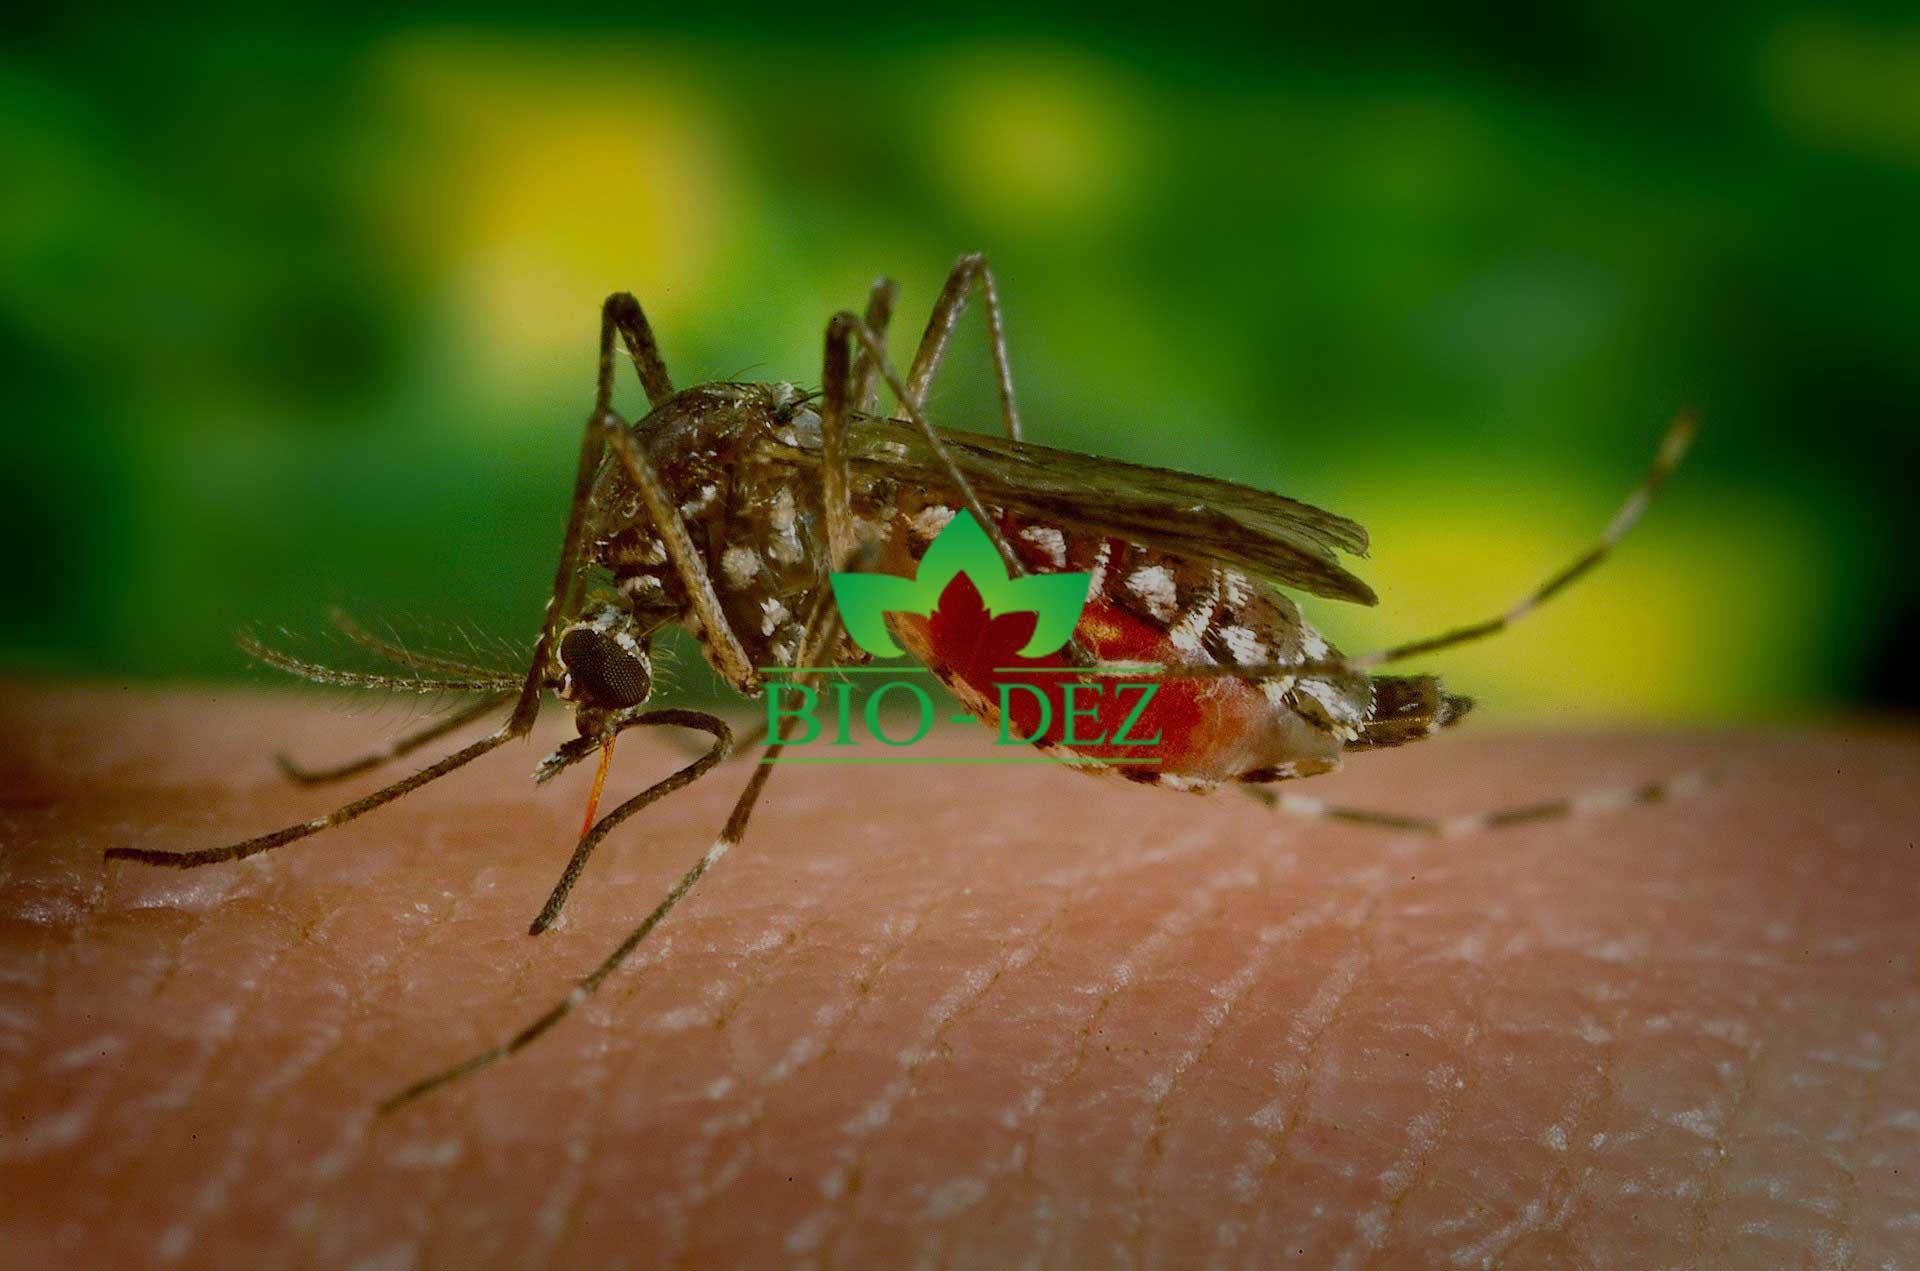 dezinsekcija komaraca - suzbijanje komaraca sa zemlje